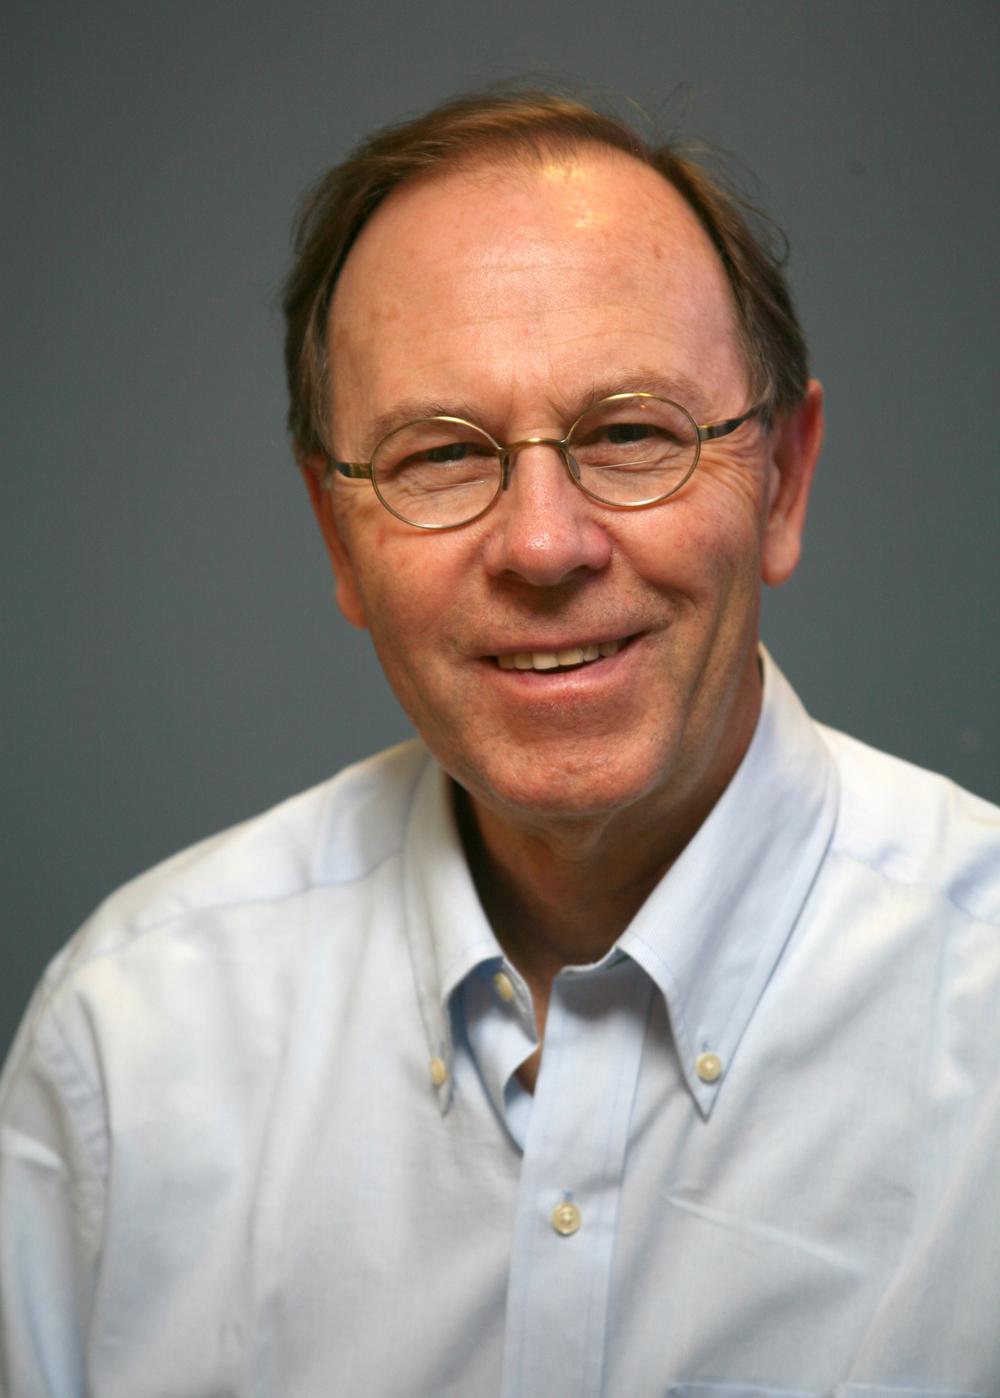 Food scientist Guy Crosby